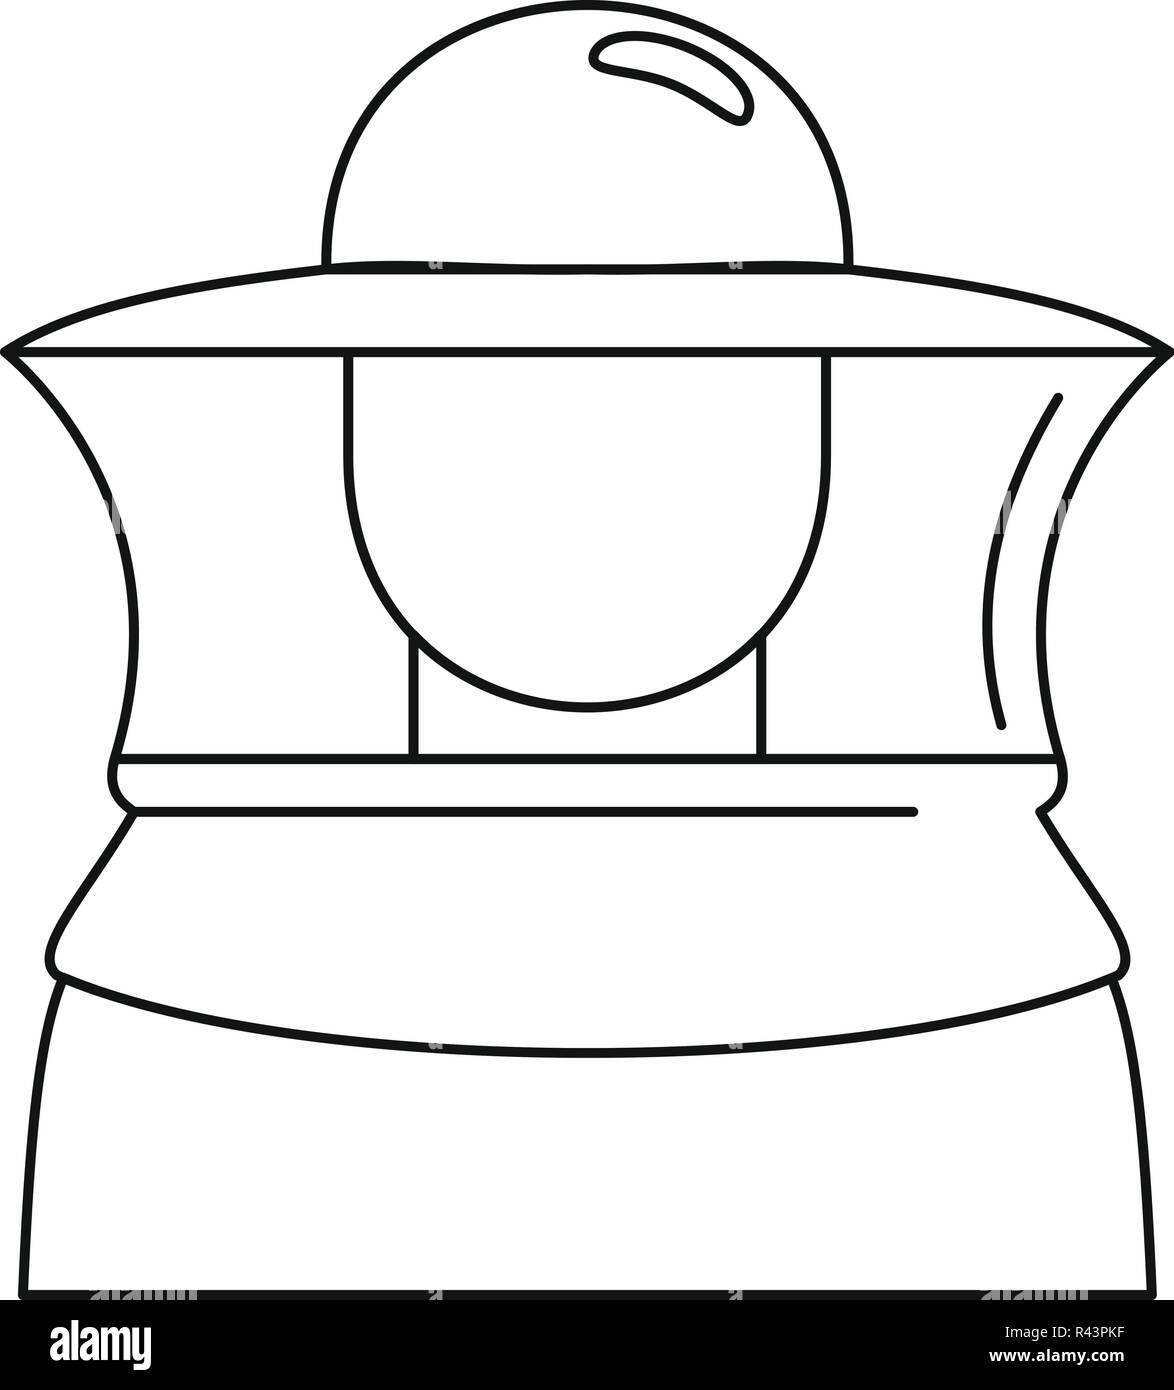 Icona di apicoltore. Illustrazione di contorno di apicoltore icona  vettoriali per il web design isolato 1685b97d090f